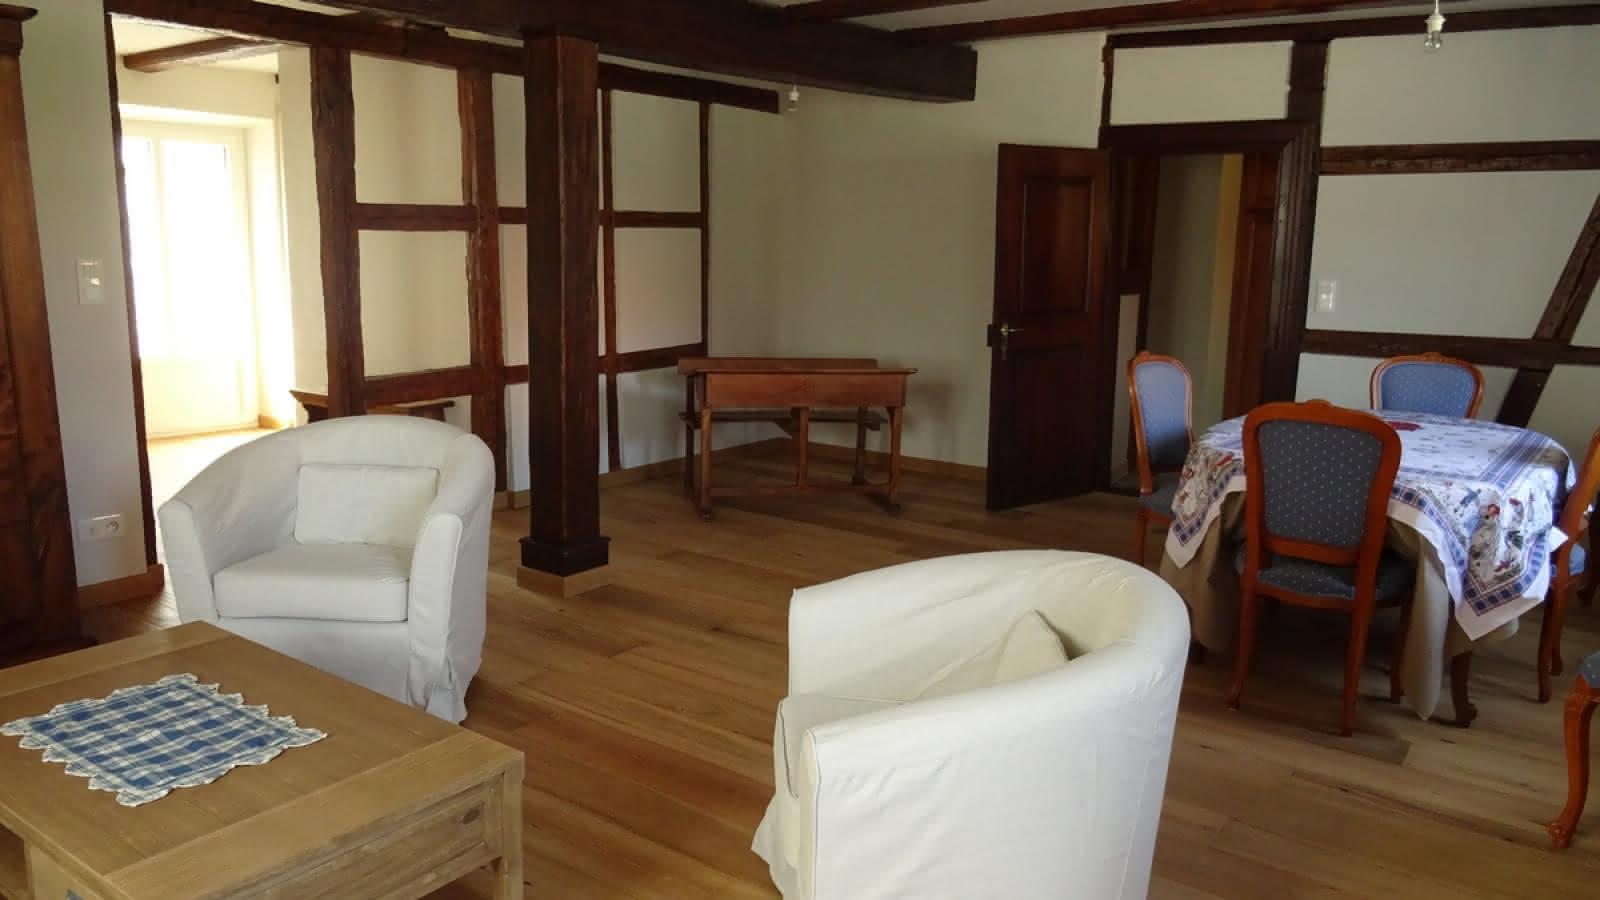 Chambres d\'hôtes L\'Ancienne Ecole | Visit Alsace